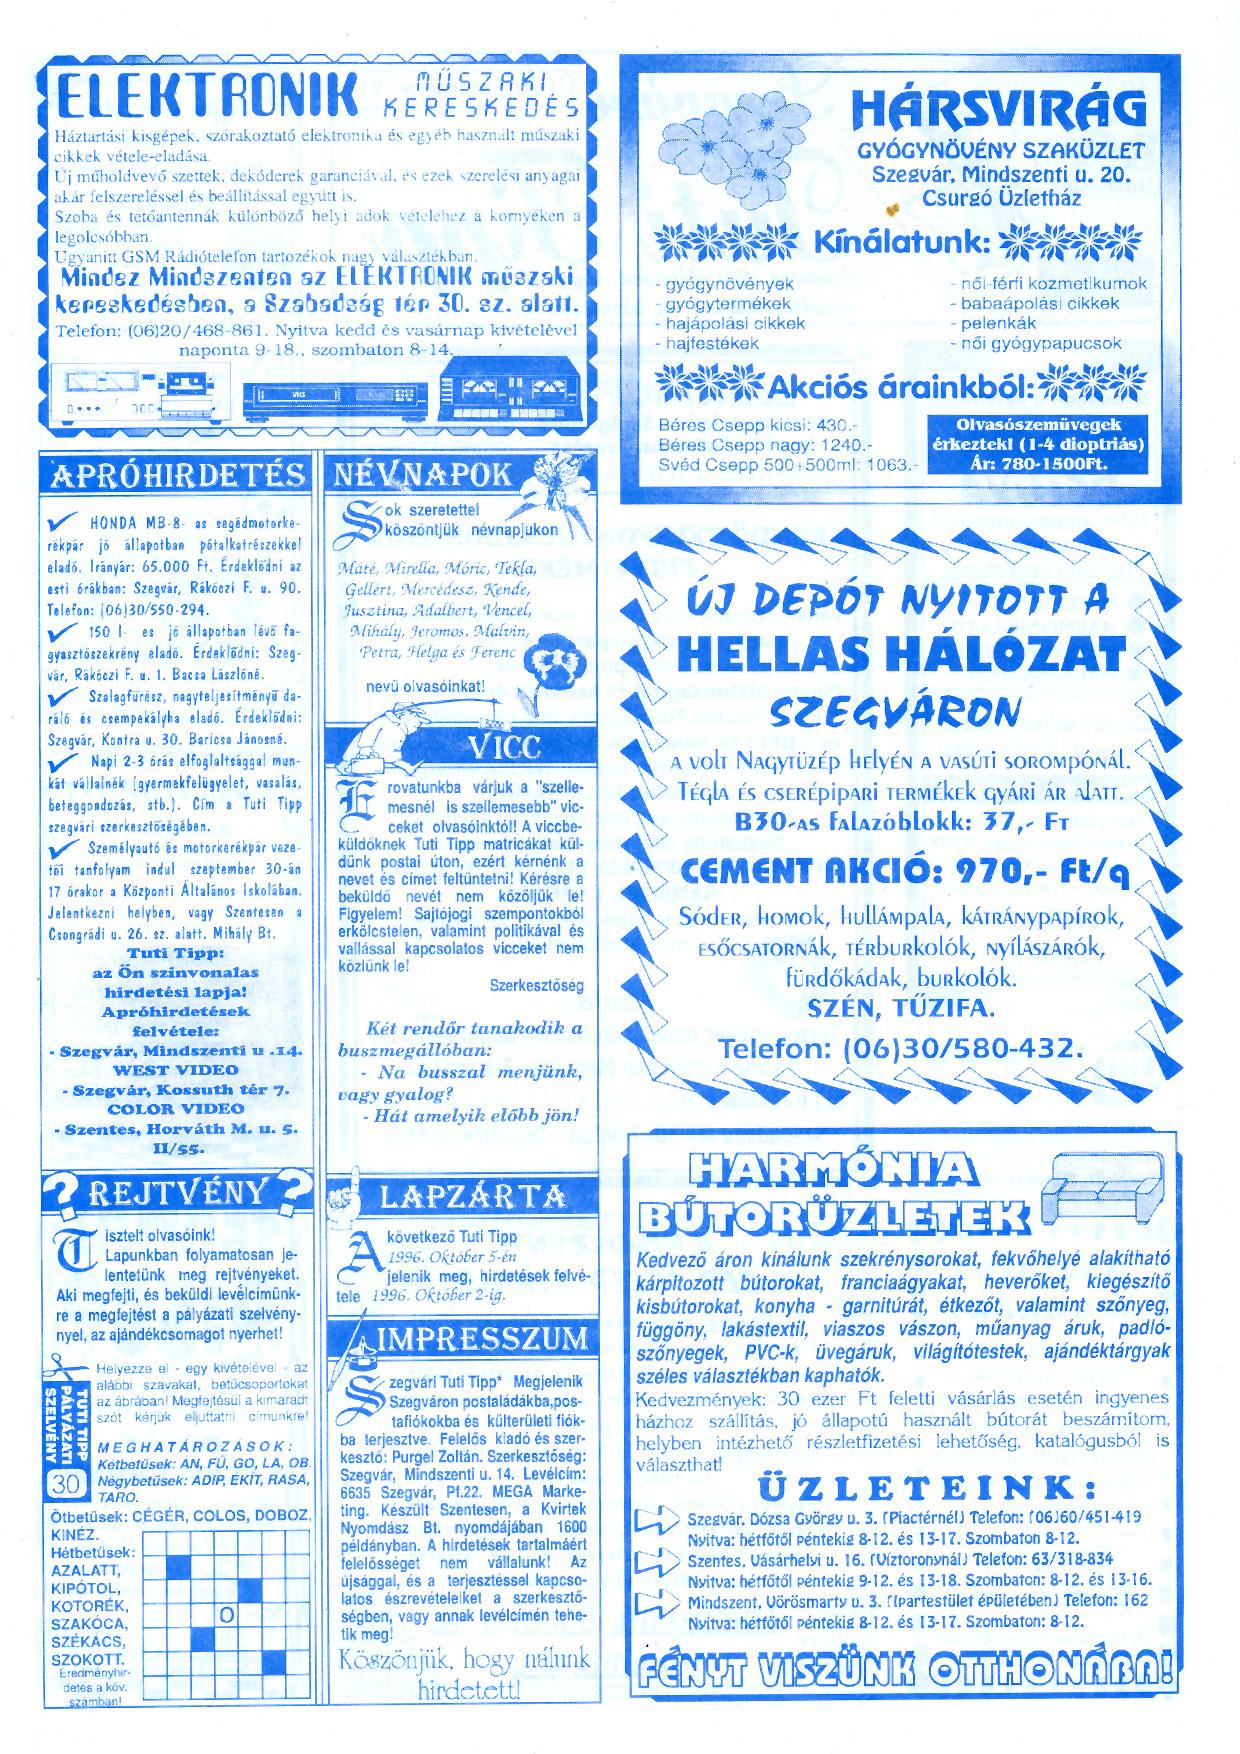 052 Szegvári Tuti Tipp reklámújság - 19960921-030. lapszám - 2.oldal - II. évfolyam.jpg